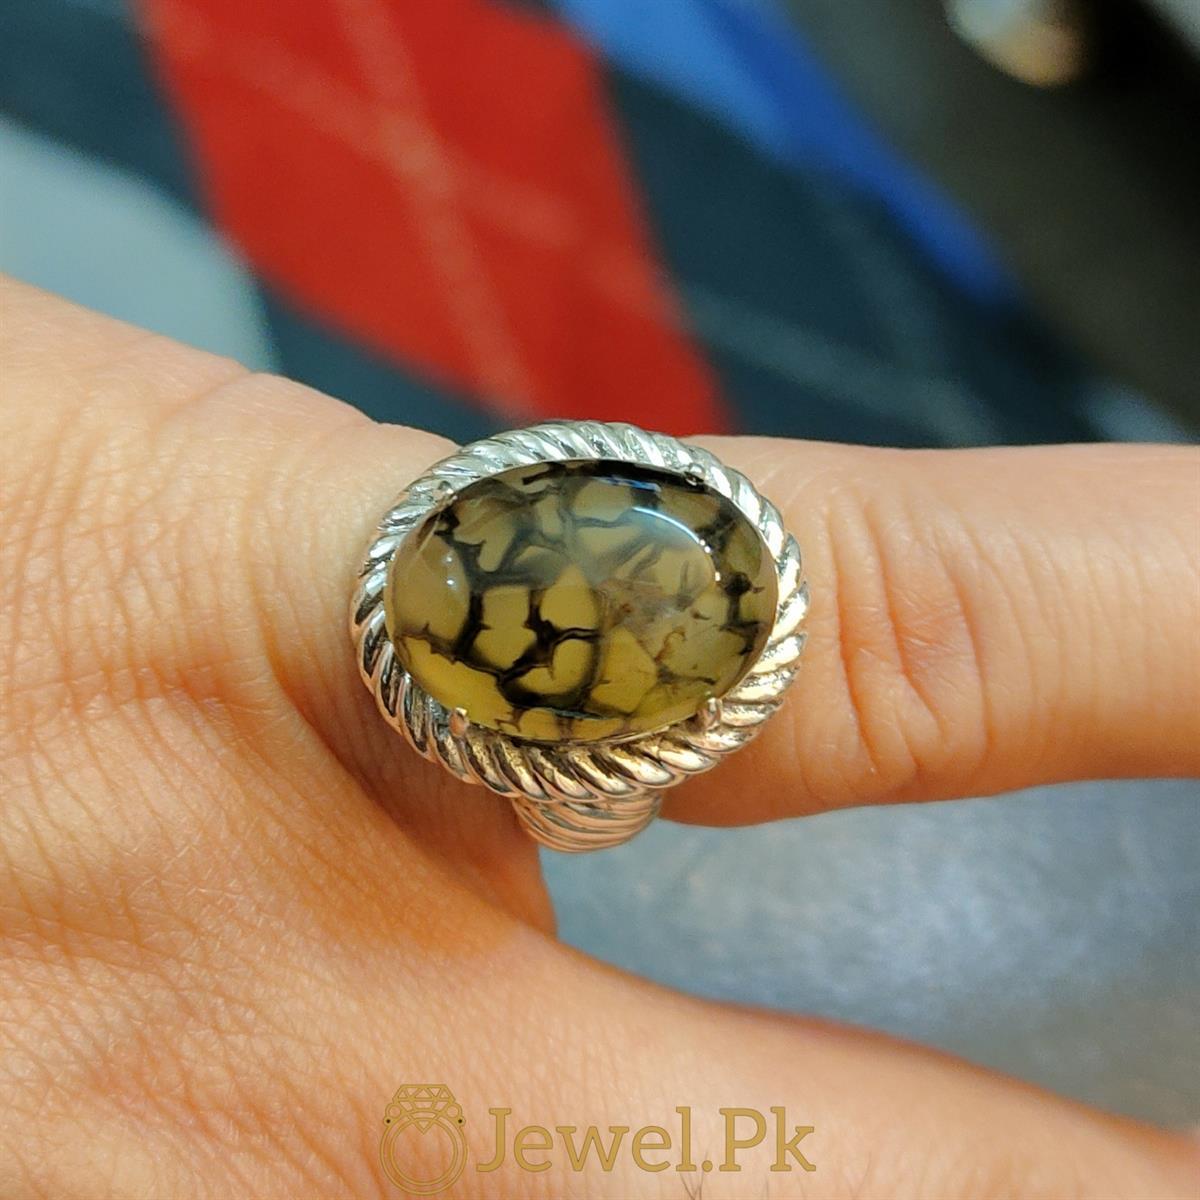 Natural Shajiri Aqeeq Ring Beautiful Aqeeq 2 natural gemstones pakistan + 925 silver jewelry online